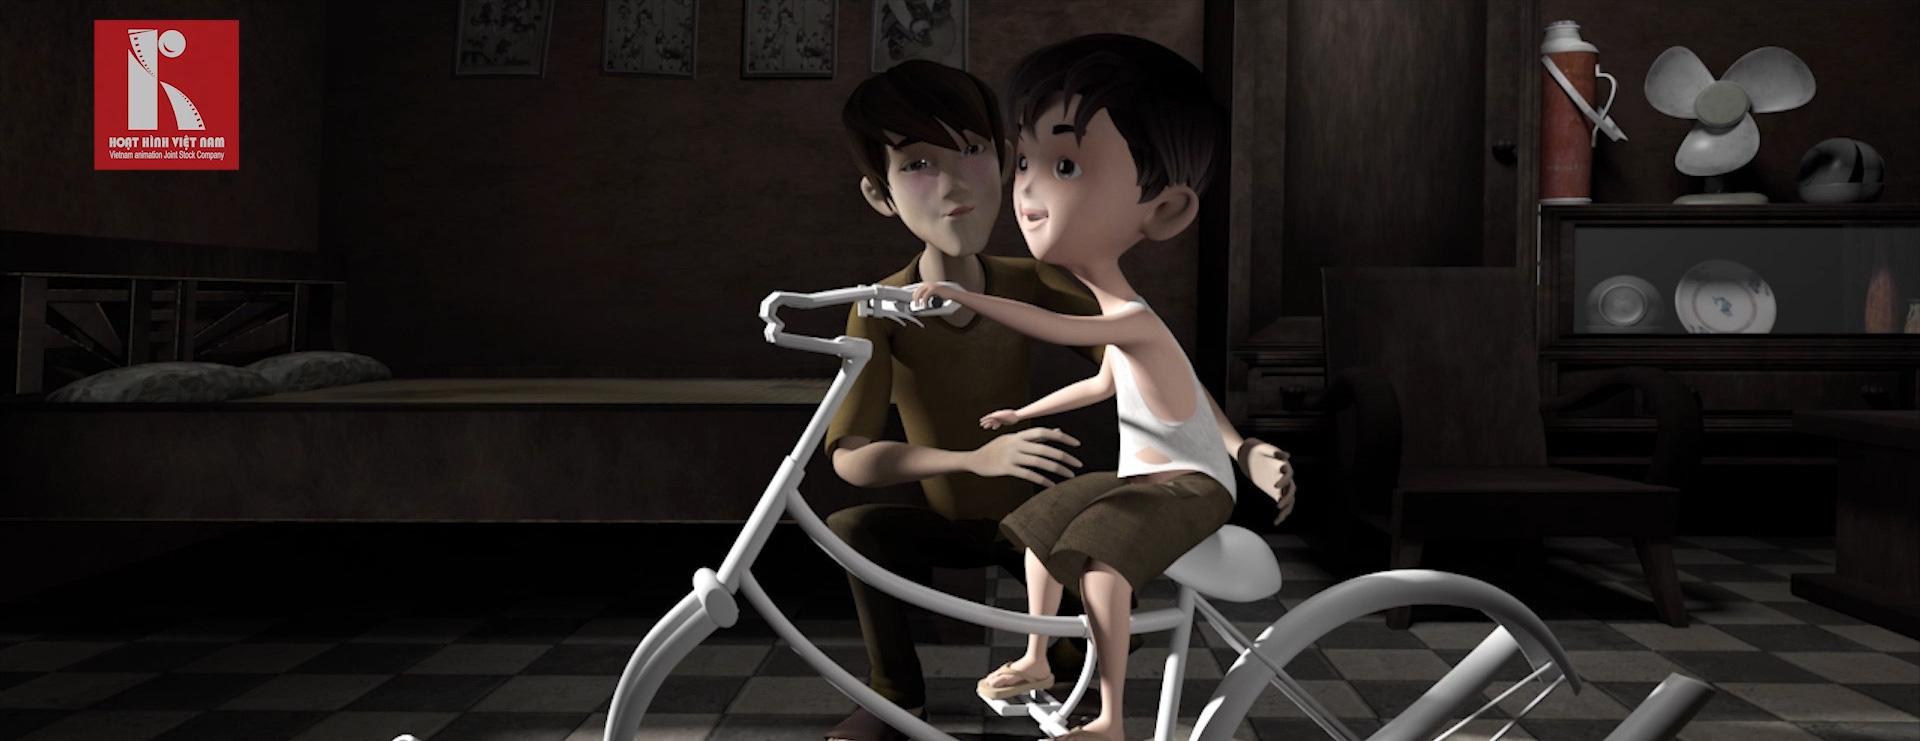 Tuần phim Hoạt hình Việt trên VTVGo: Món quà cho các em bé giữa mùa dịch - Ảnh 12.